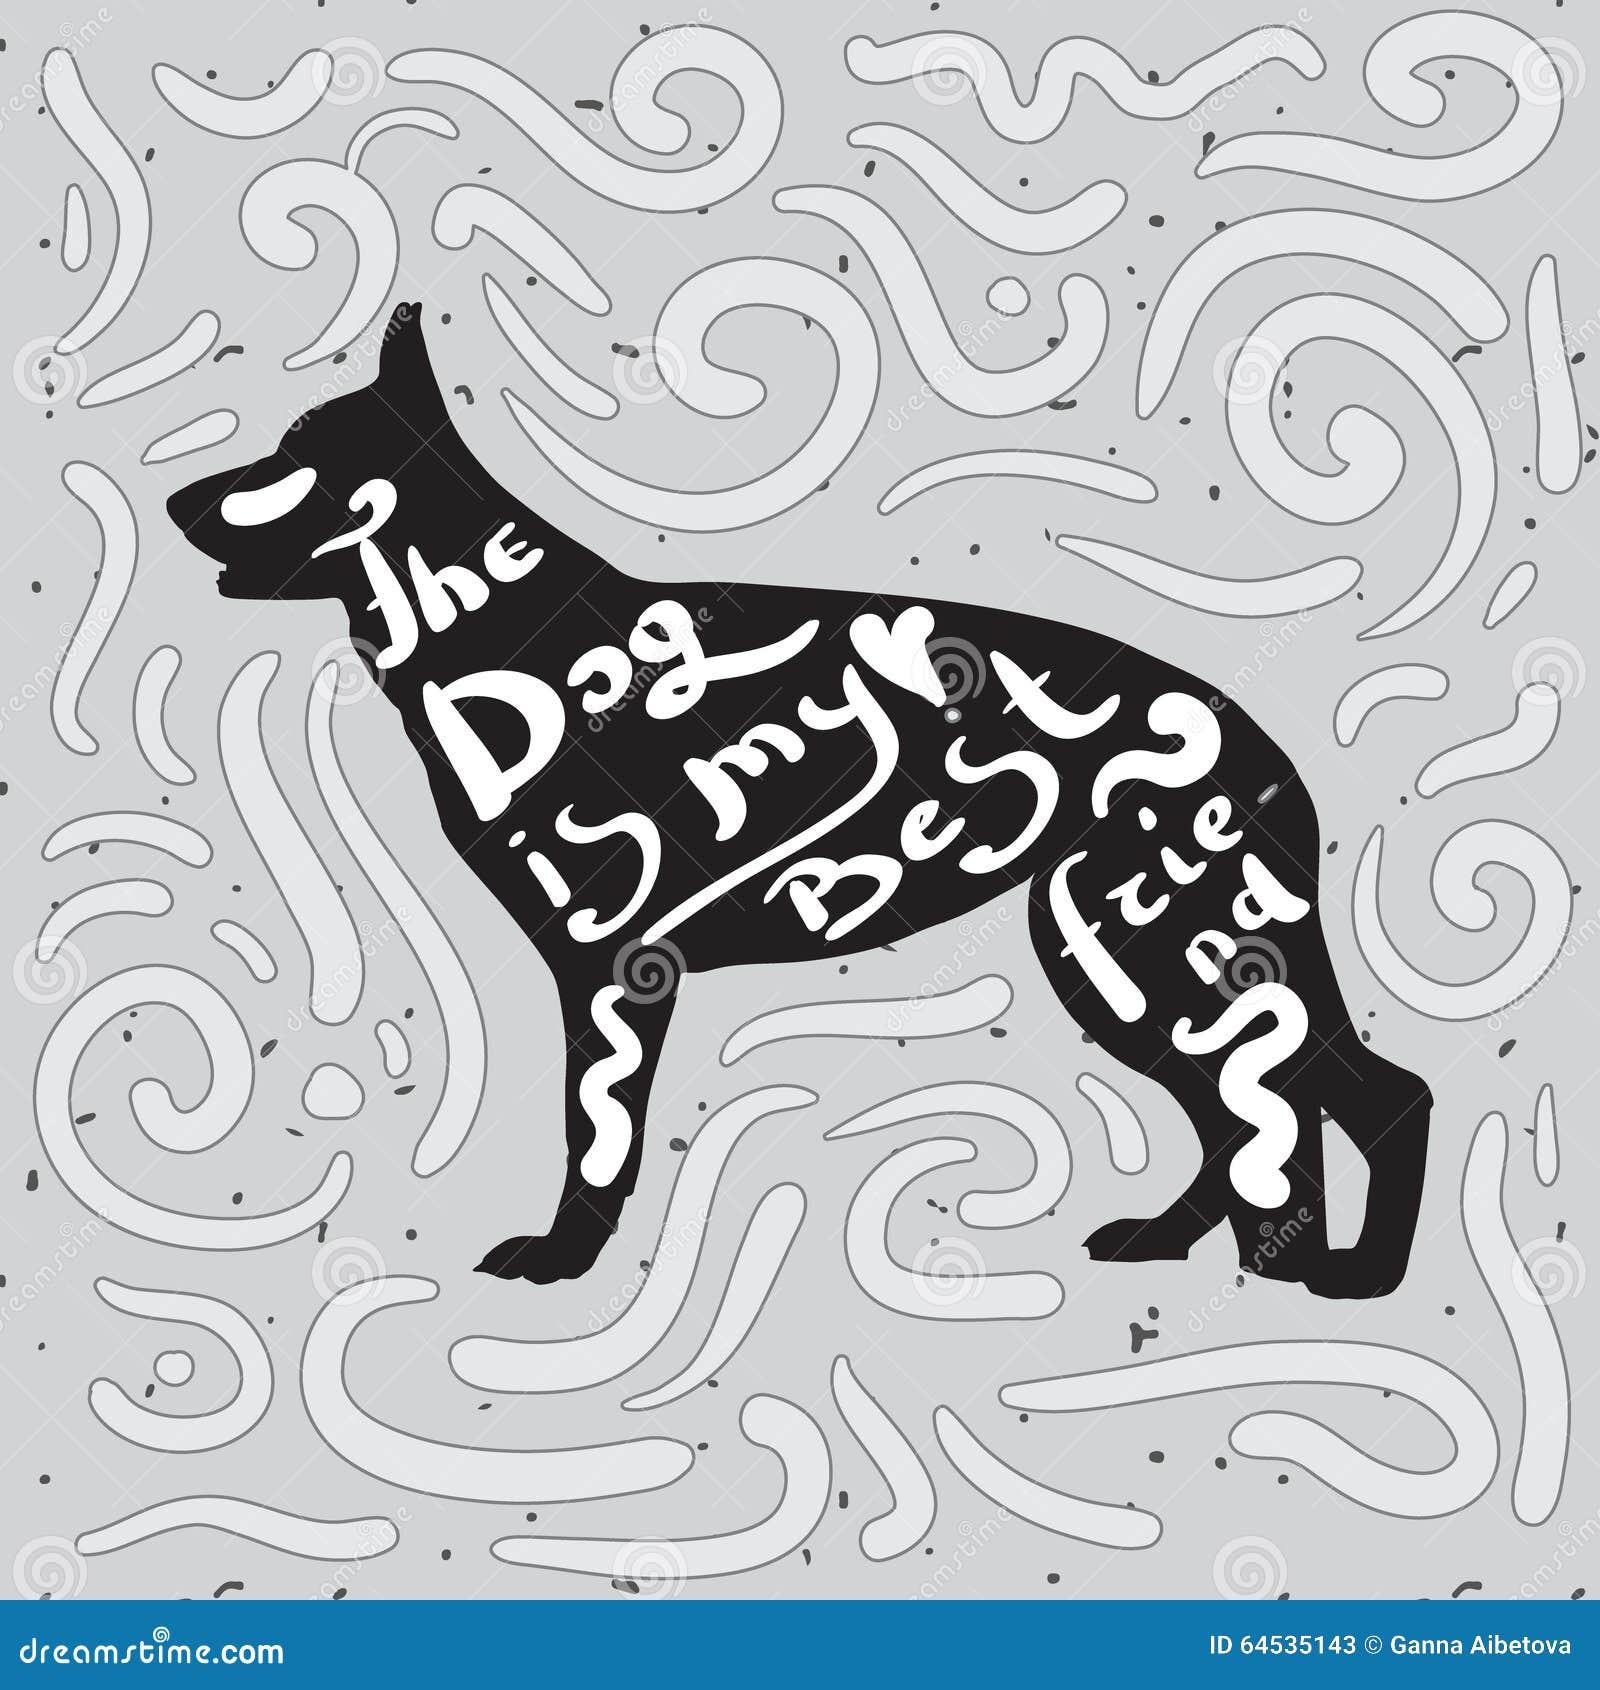 Le Chien Est Mon Meilleur Ami Citation Manuscrite De Motivation Sur Une Silhouette Noire De Berger Allemand Illustration De Vecteur Illustration Du Motivation Citation 64535143